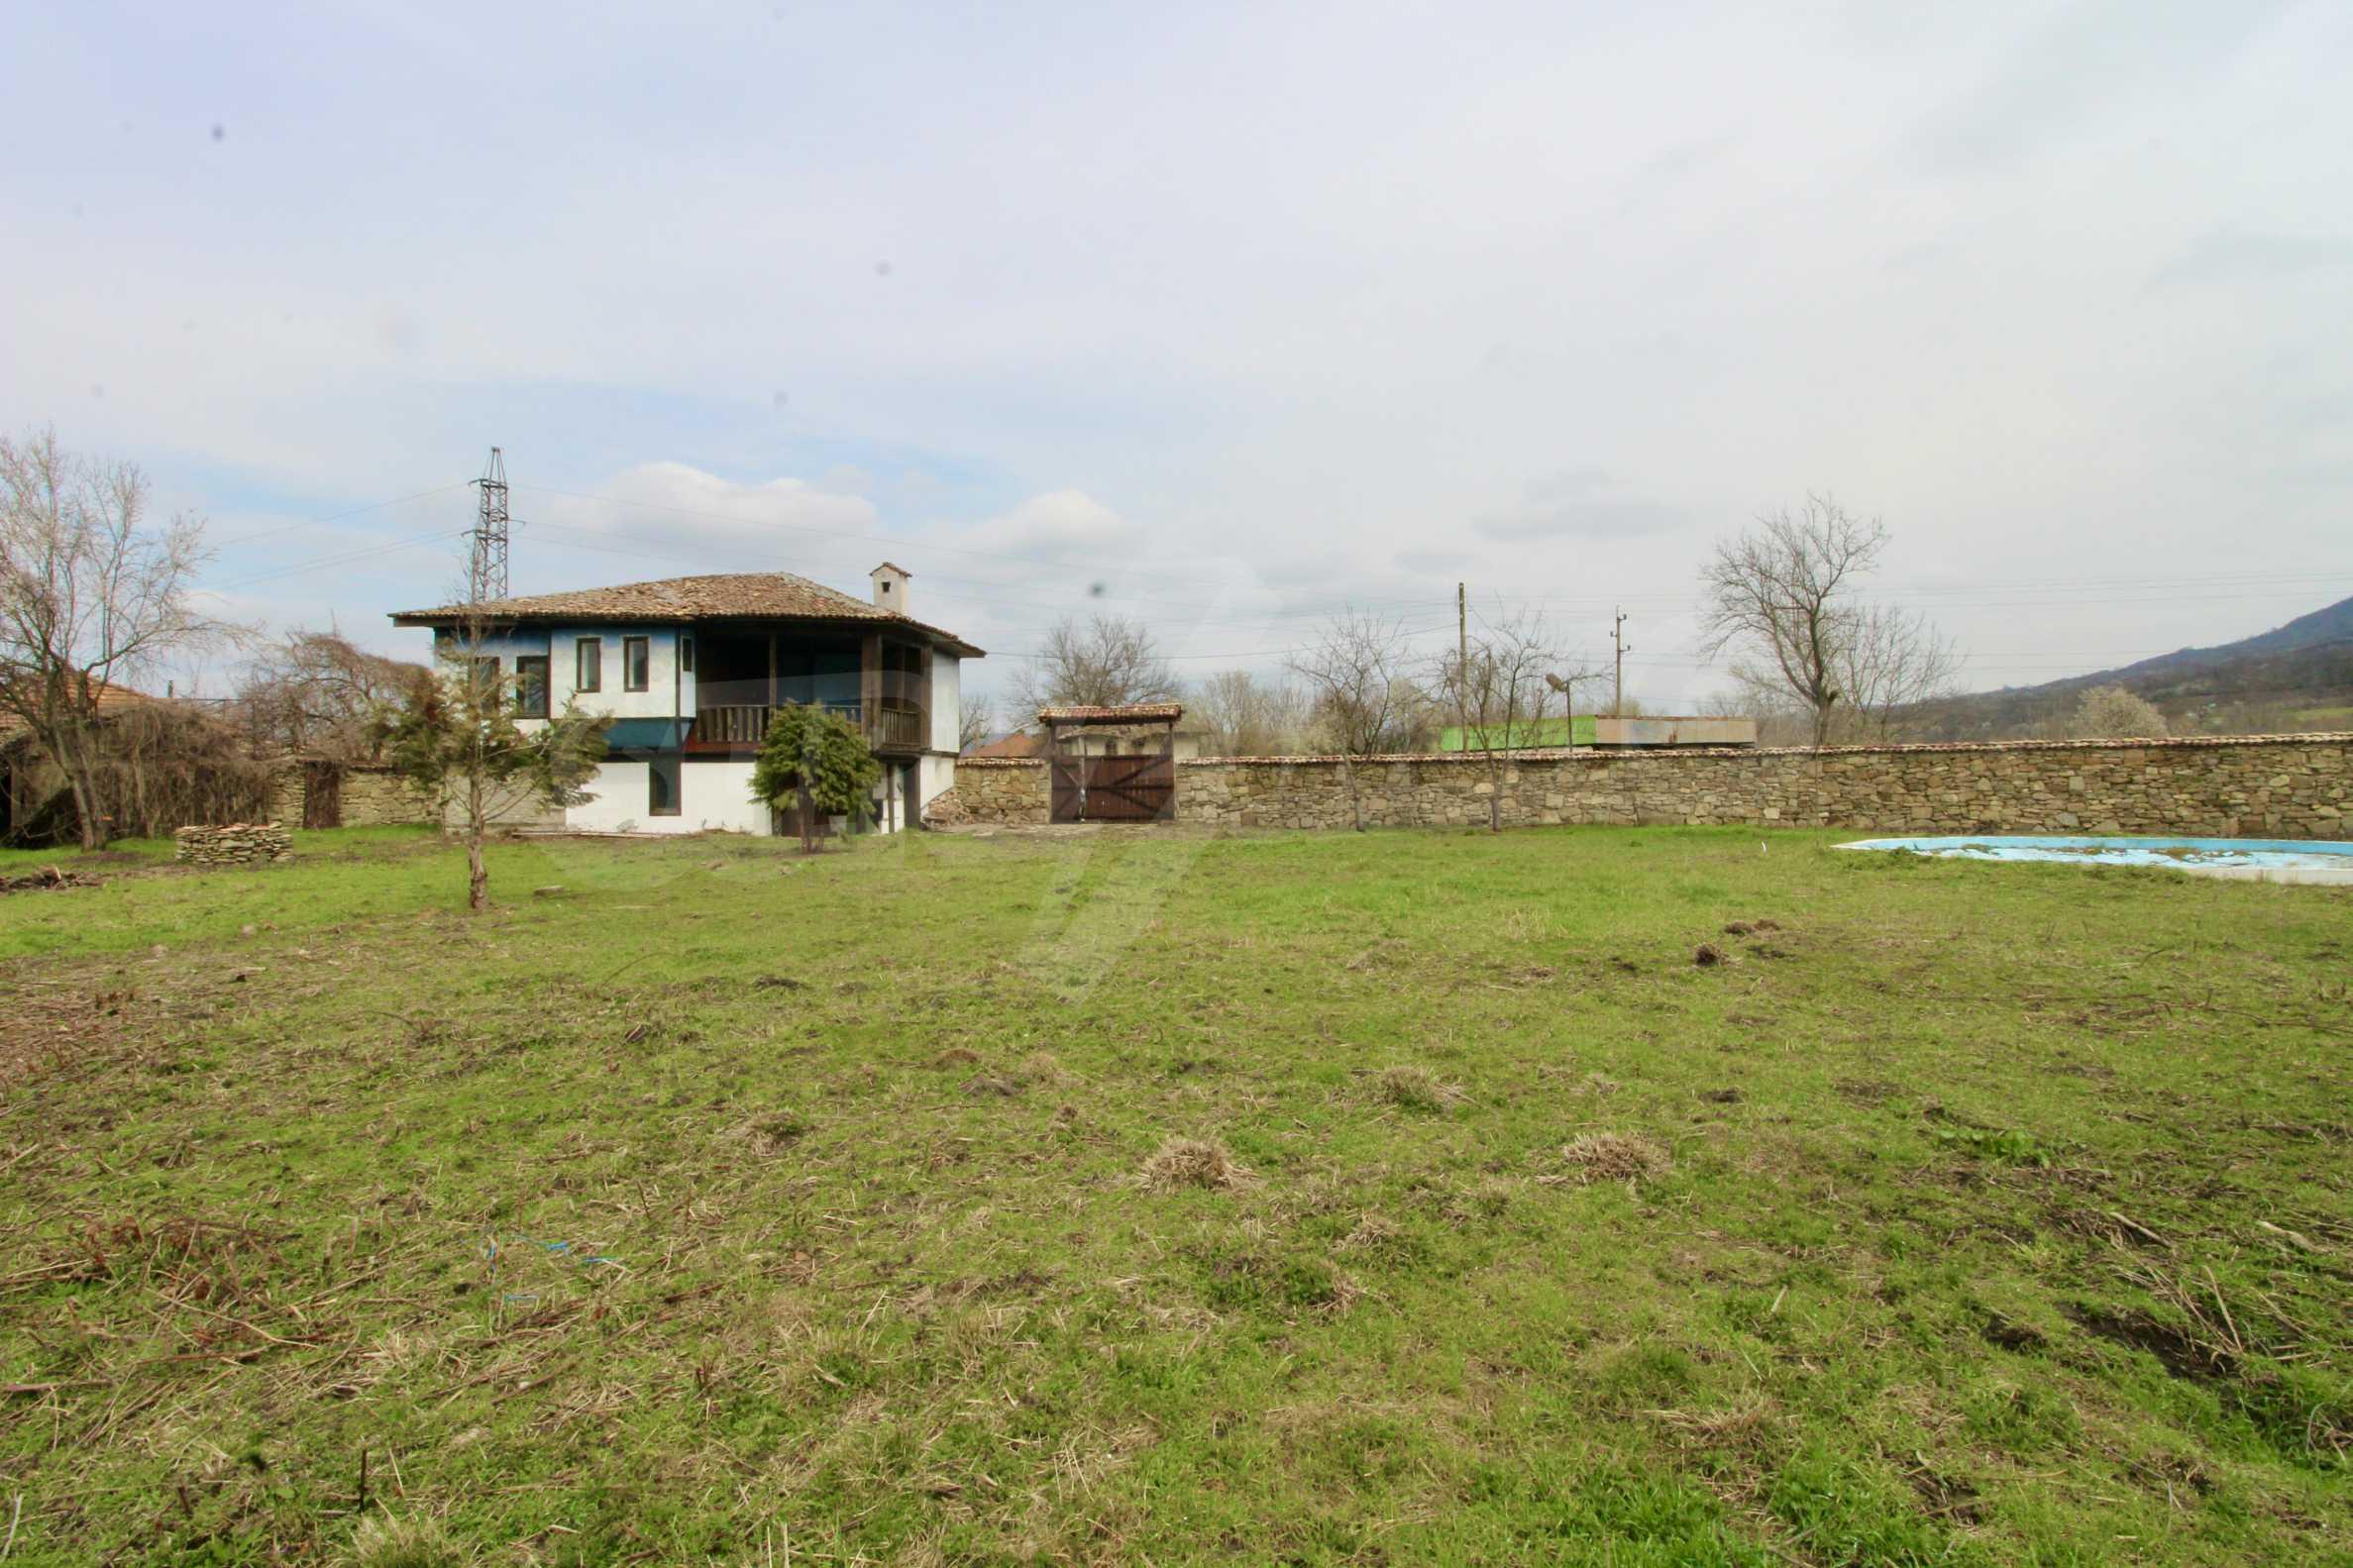 Двуетажна къща с голпм двор в село на 30 км от Велико Търново  28